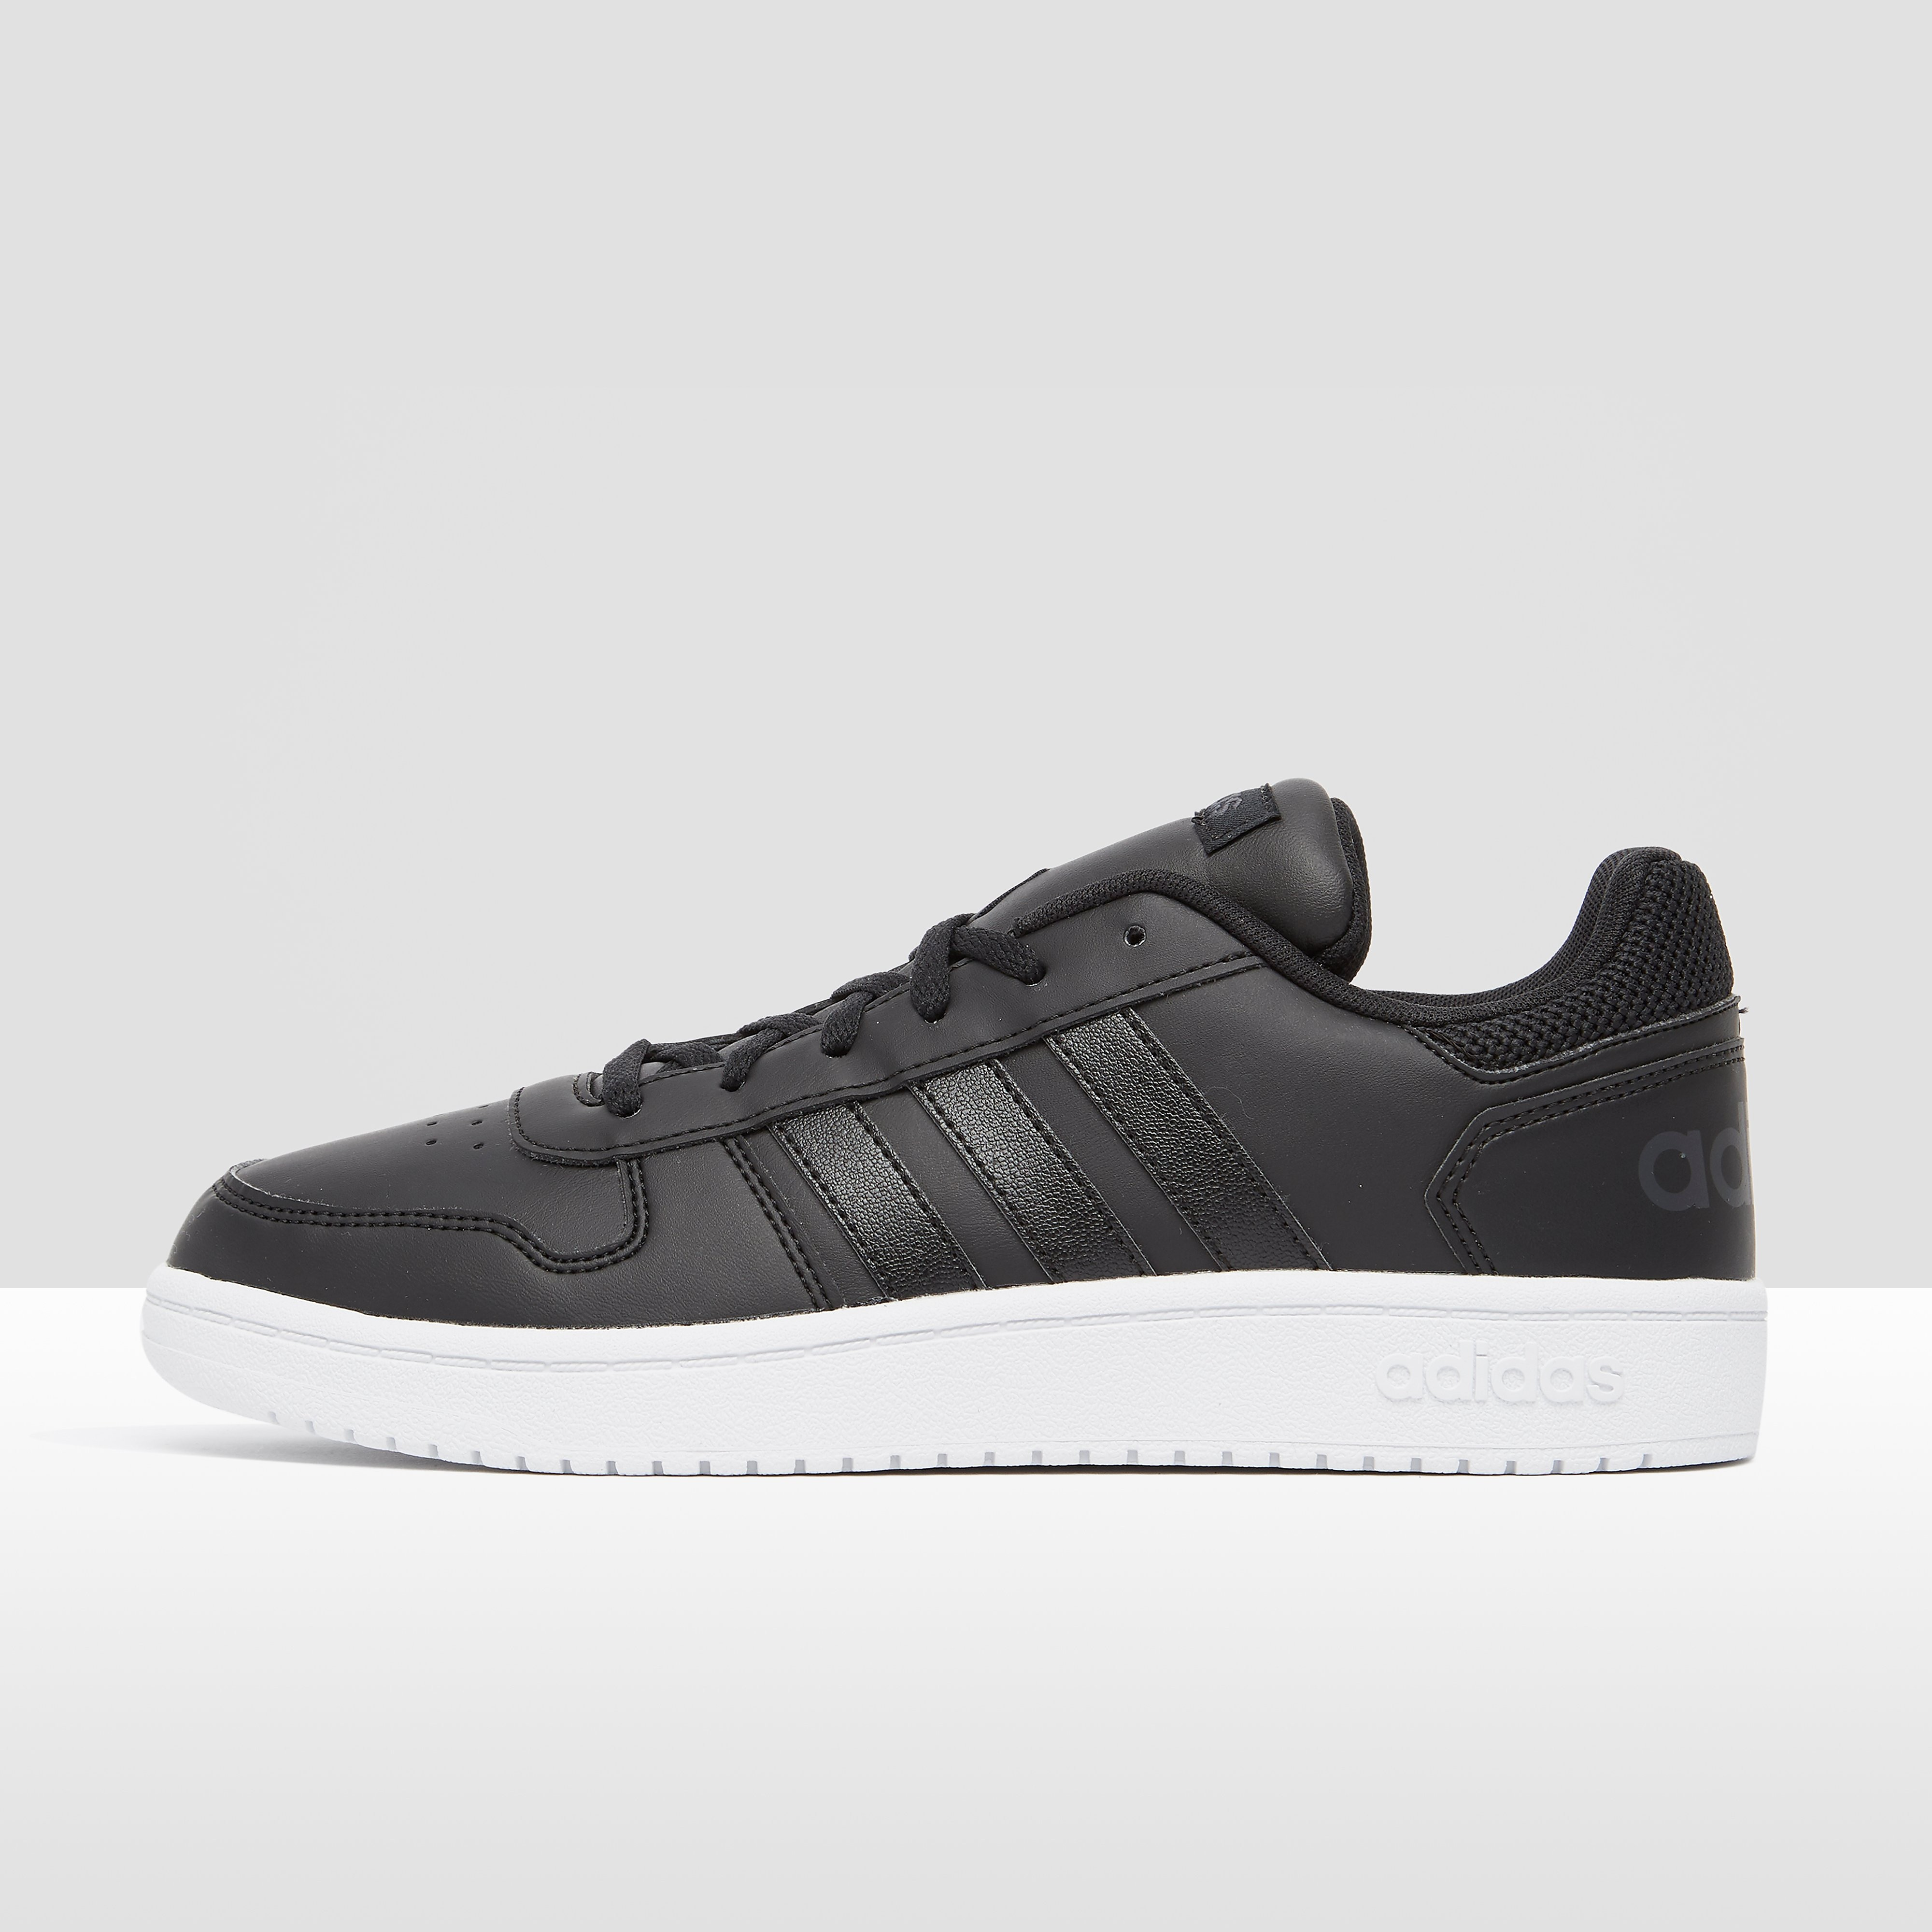 0 Adidas Dames 2 Hoops Maat 40 4059812526228 Sneakers